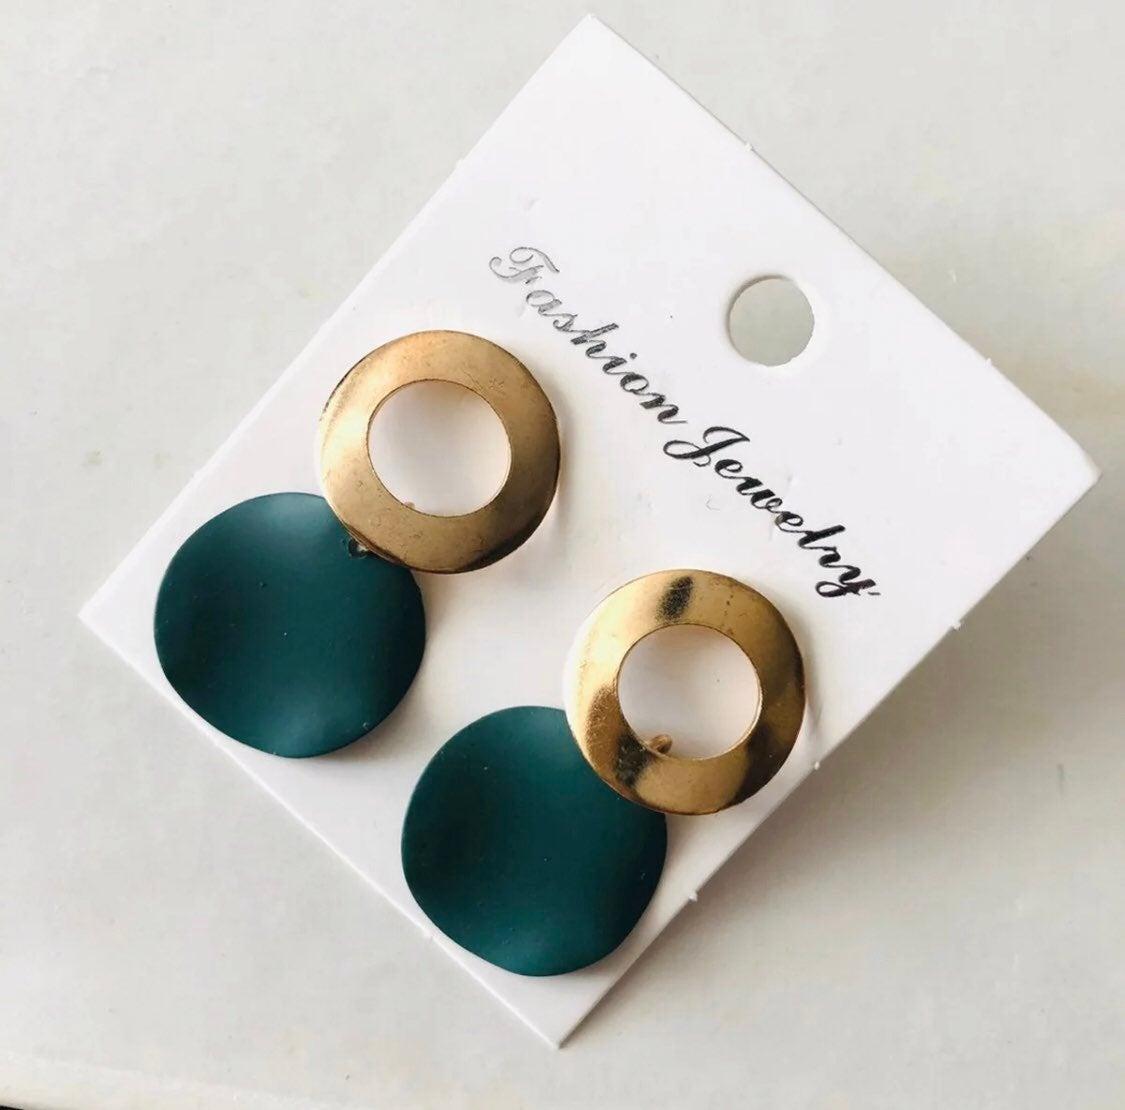 Boho boutique pierced earrings - new